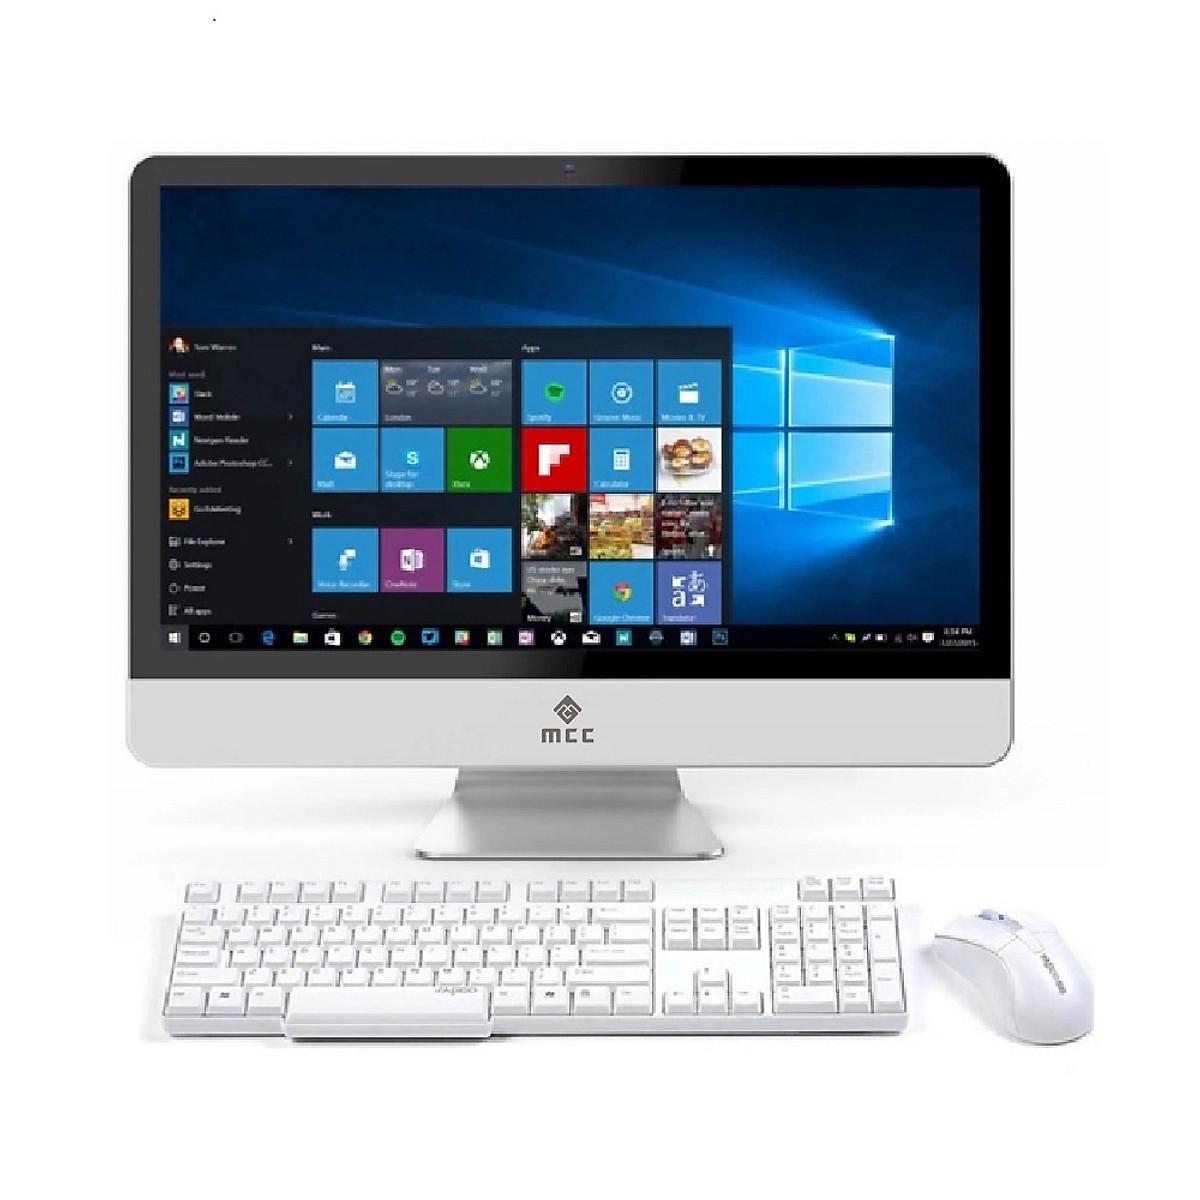 Bộ PC All in ONE (AIO) MCC2082 Home Office Computer CPU Dual 2.9Ghz/ Ram8G/ SSD240G/ Wifi/ Camera/ 22inch - hàng chính hãng